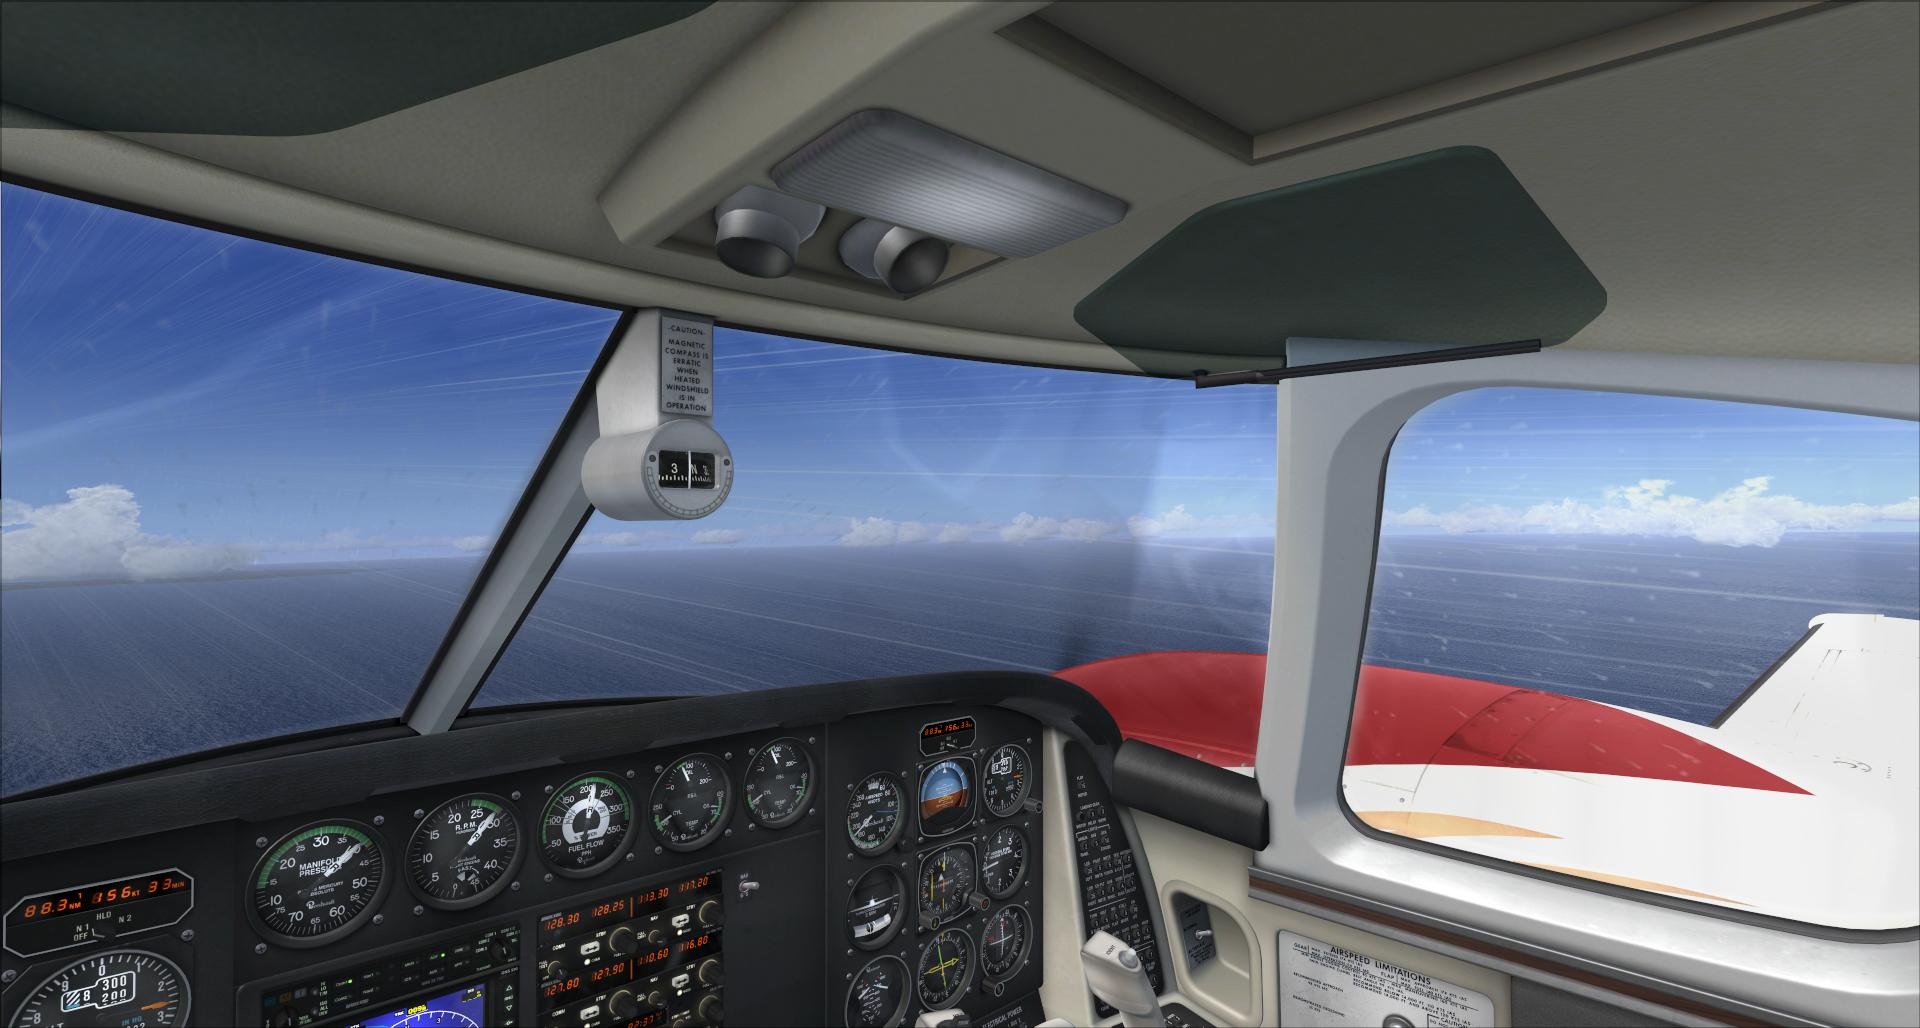 vol shag pilote de brousse  811340201442715260232